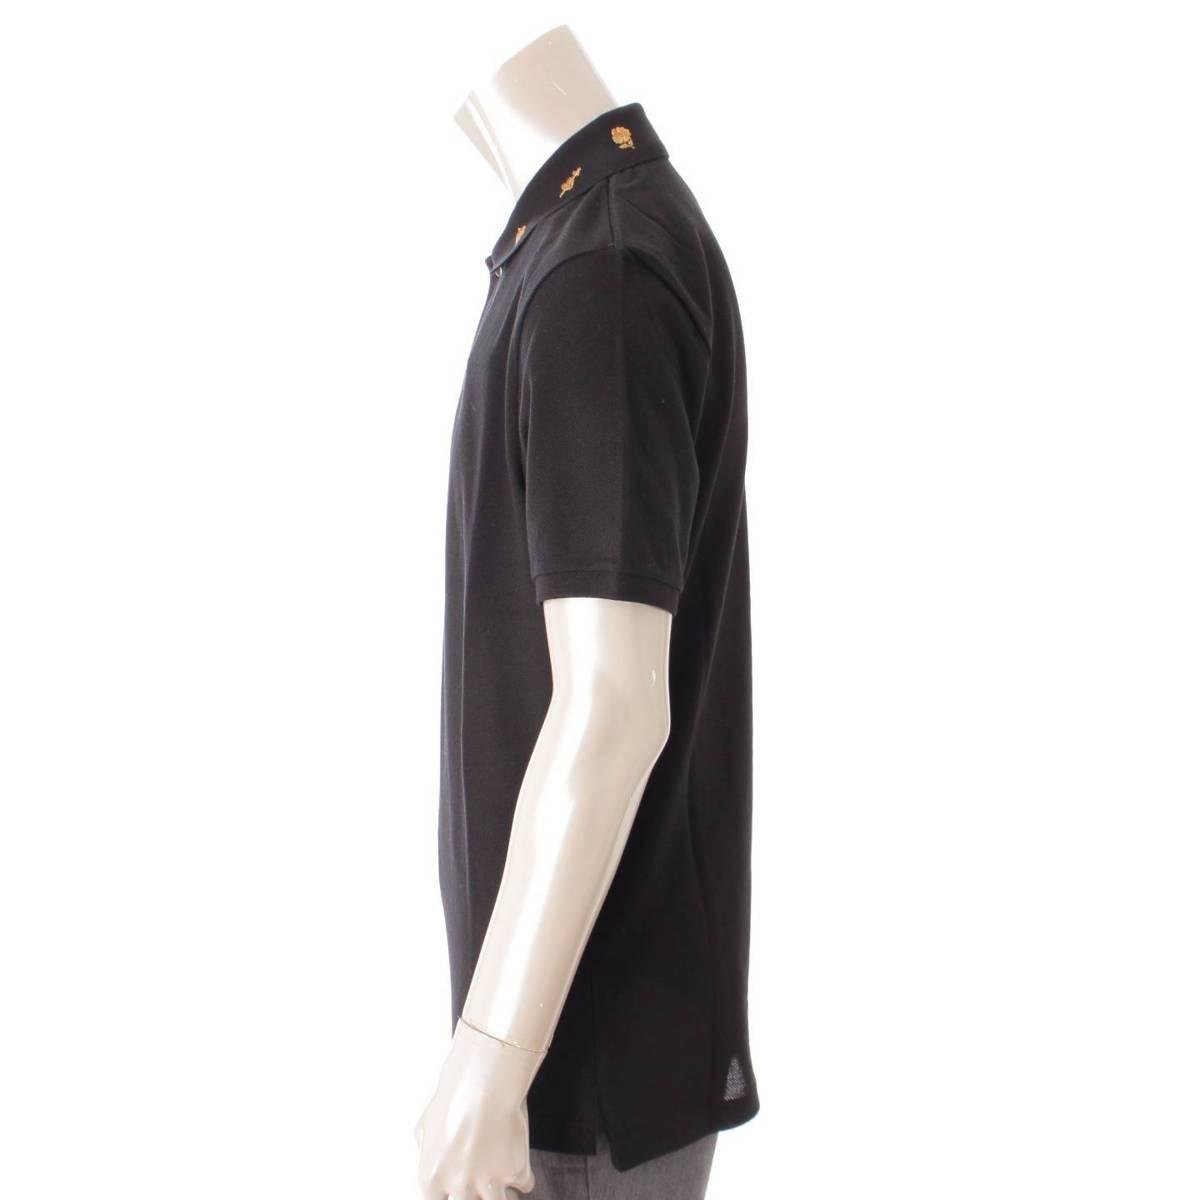 グッチ Gucci メンズ 刺繍 エンブロイダリー ポロシャツ トップス 523058 ブラック L 未使用 鑑定済・正規品保証 91410uK1cl3FTJ5